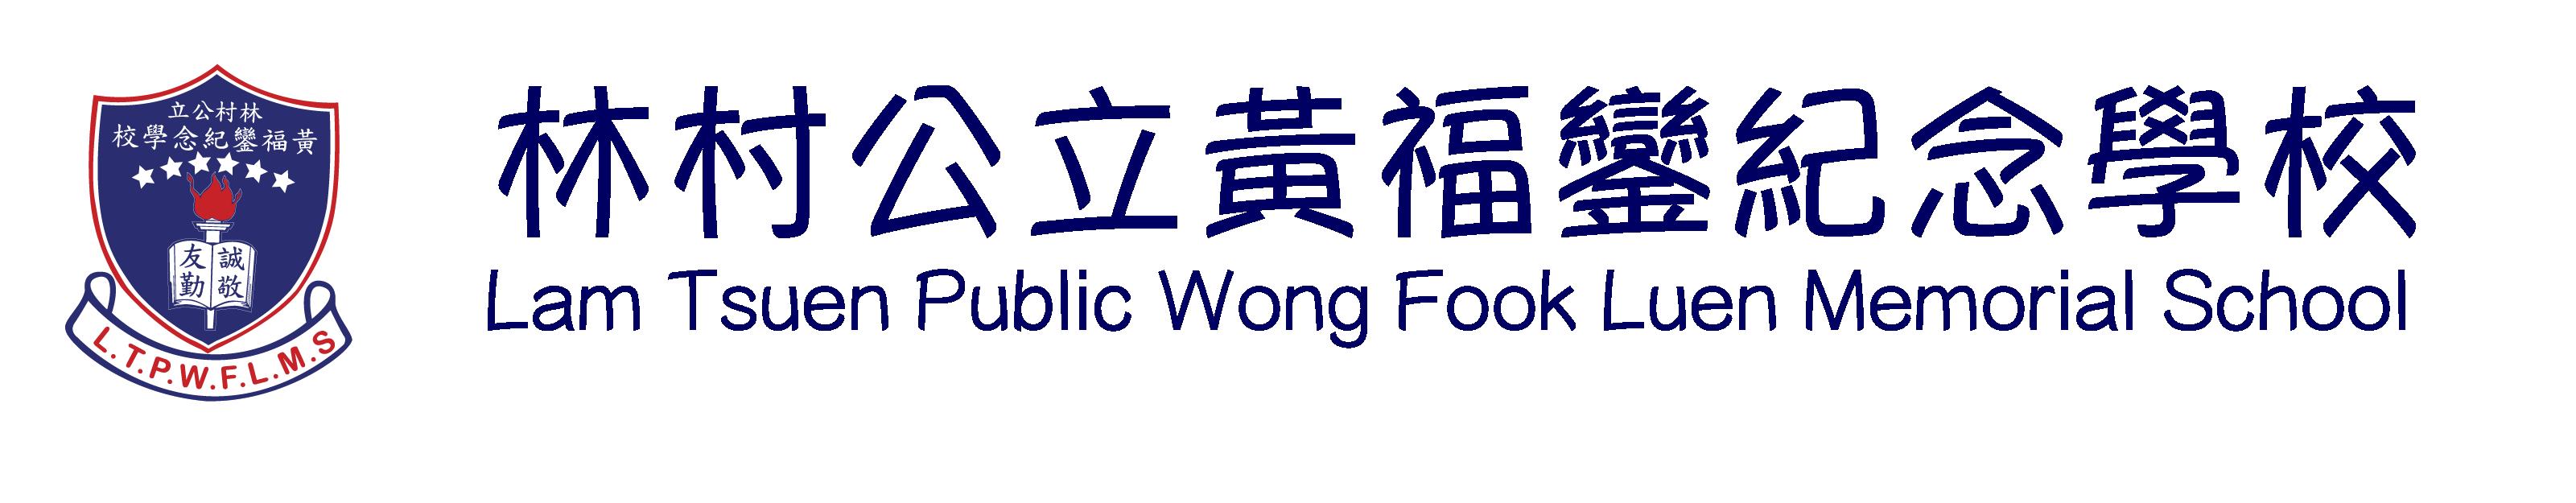 林村公立黃福鑾紀念學校